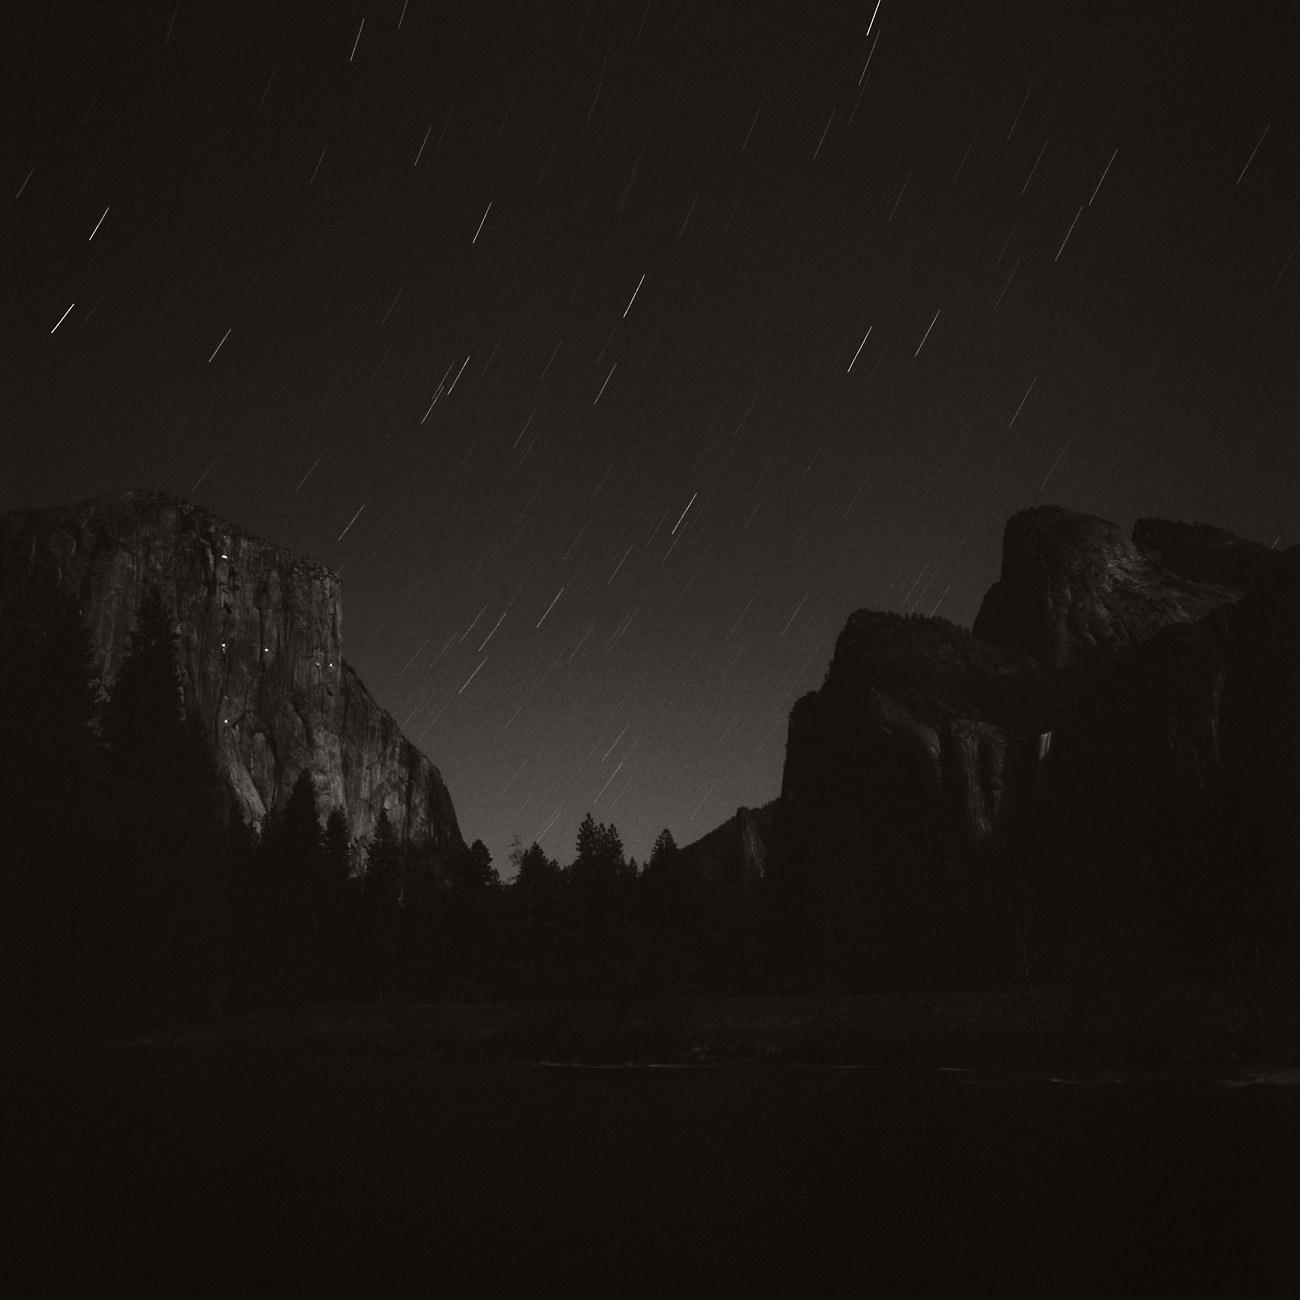 Yosemite_Night_007.jpg